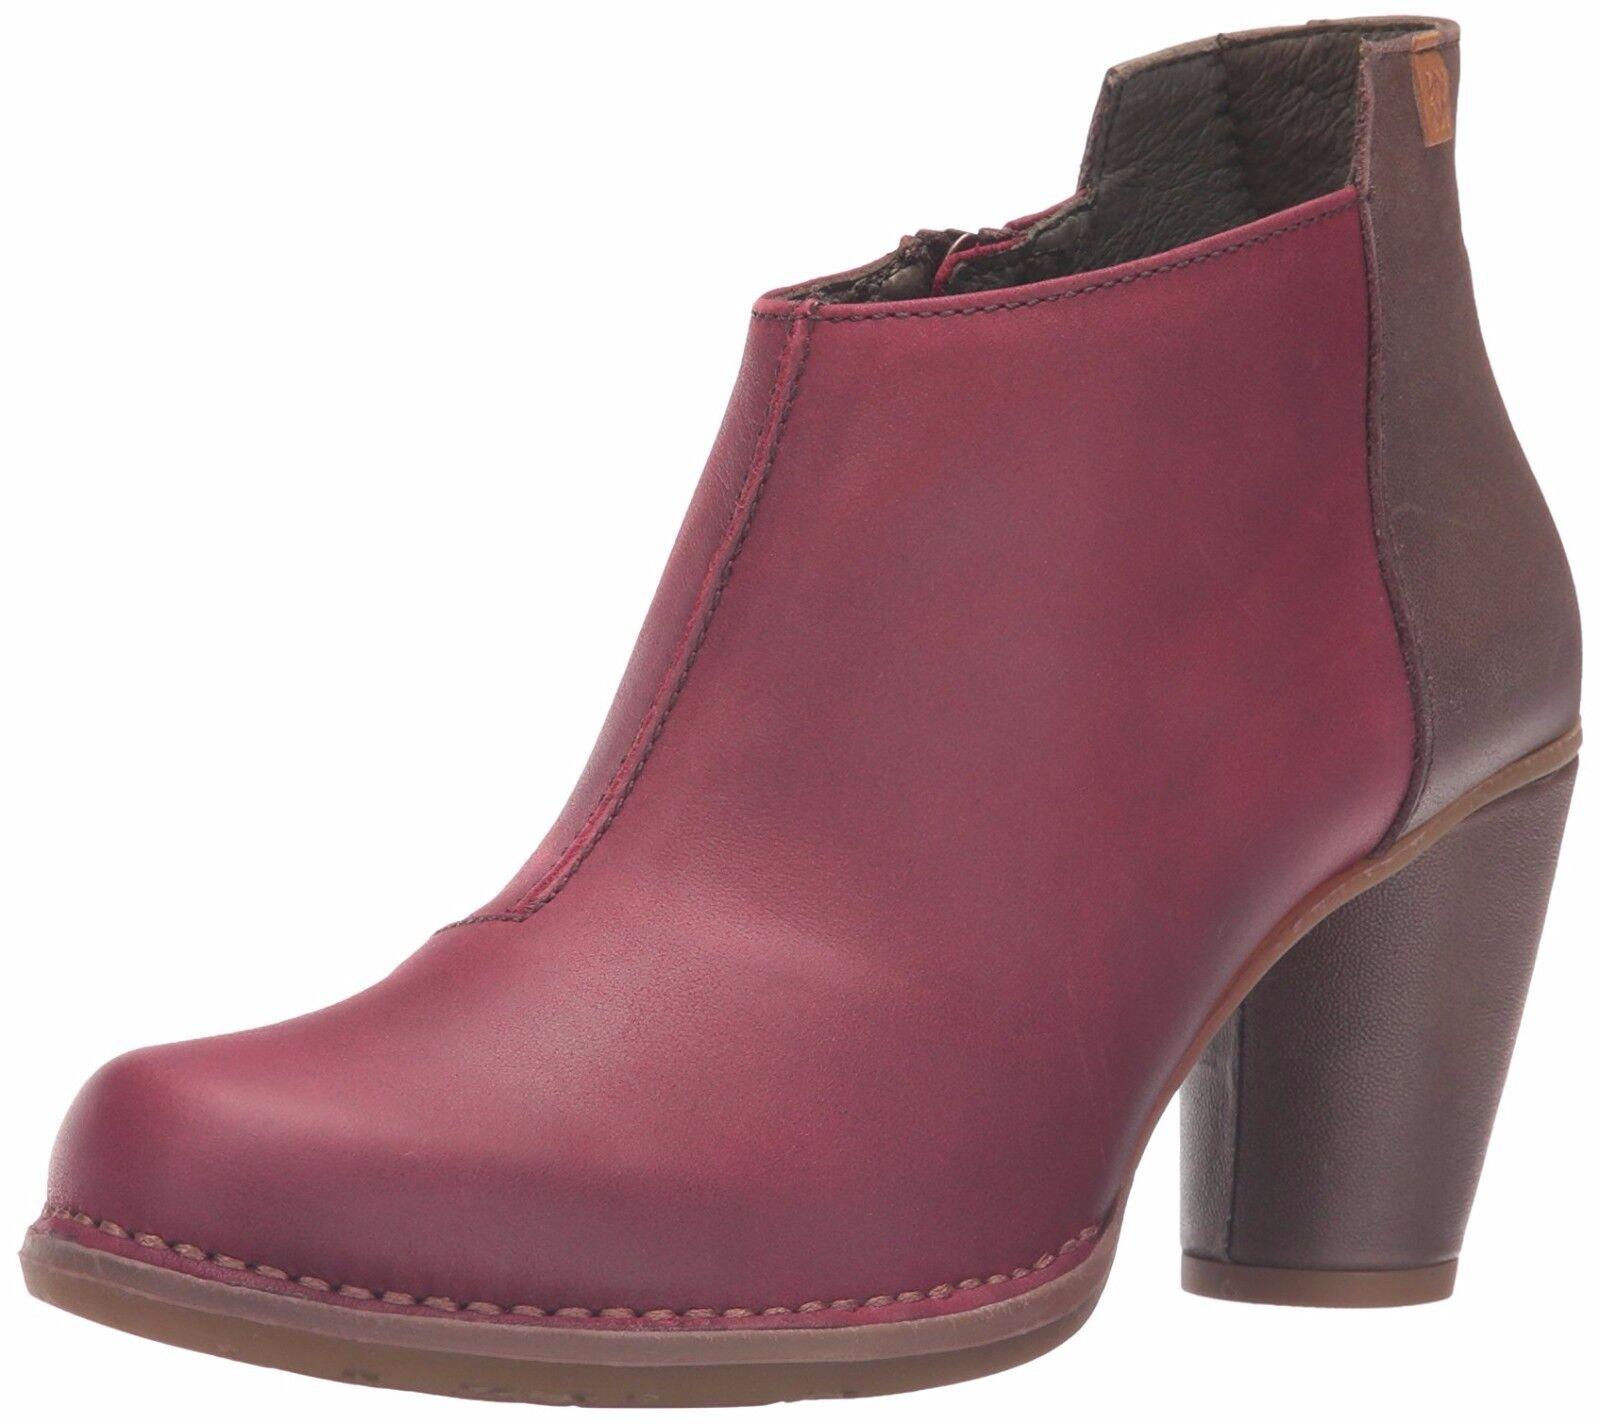 edizione limitata a caldo El Naturalista scarpe scarpe scarpe Colibri NF63 avvioIES ANKLE stivali 9 NEW NIB RIOJA PLUME  divertiti con uno sconto del 30-50%